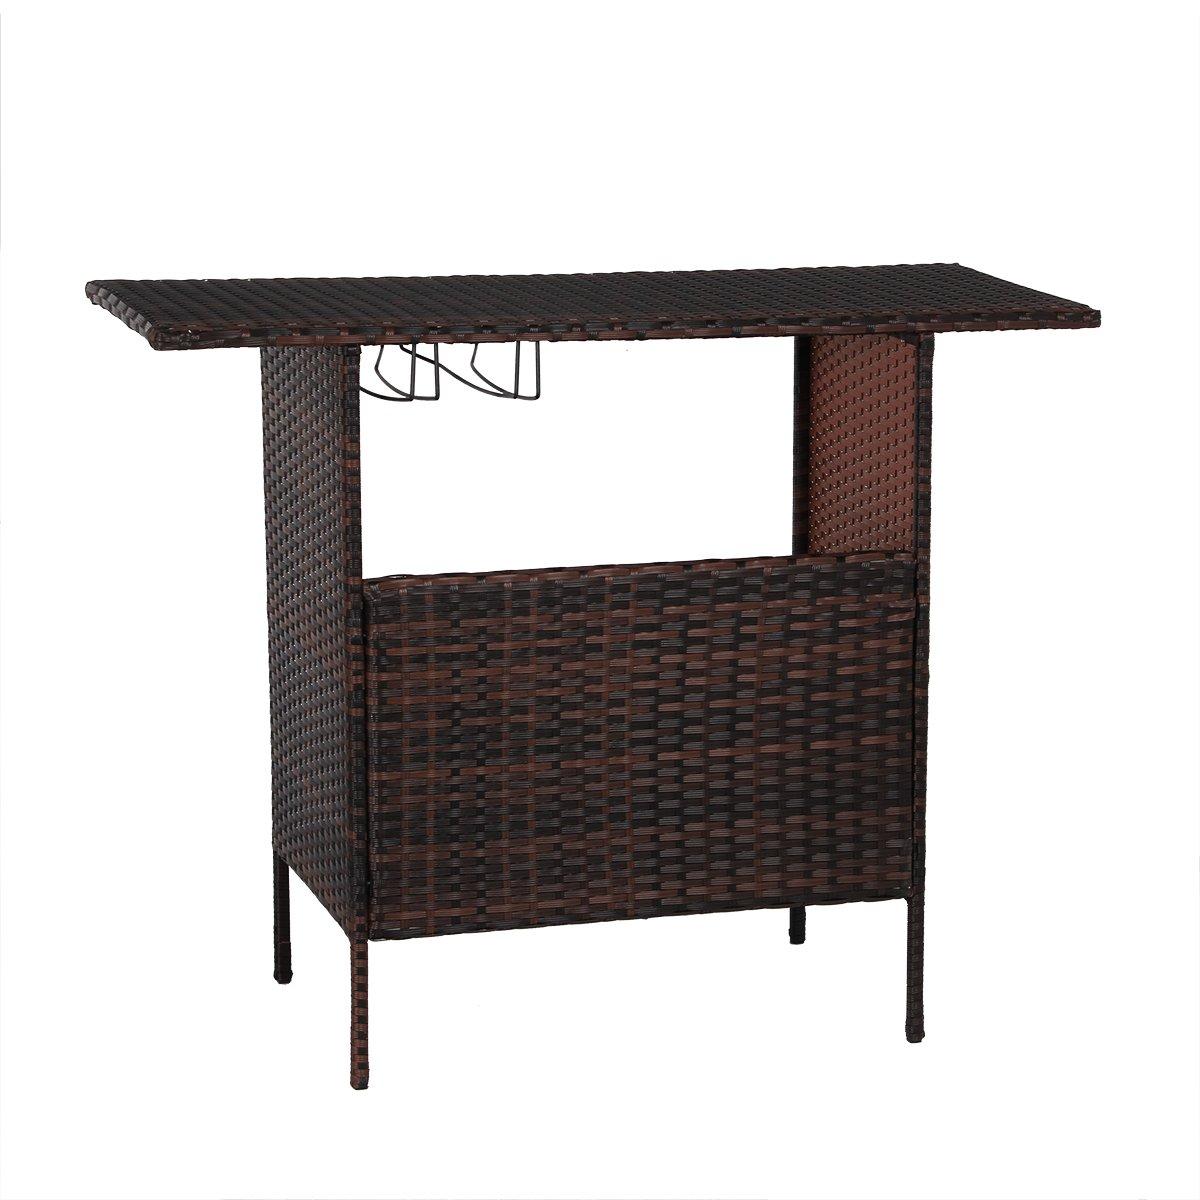 AECOJOY Patio PE Wicker Bar Table Brown Rattan Shelves Counter Garden Outdoor Furniture